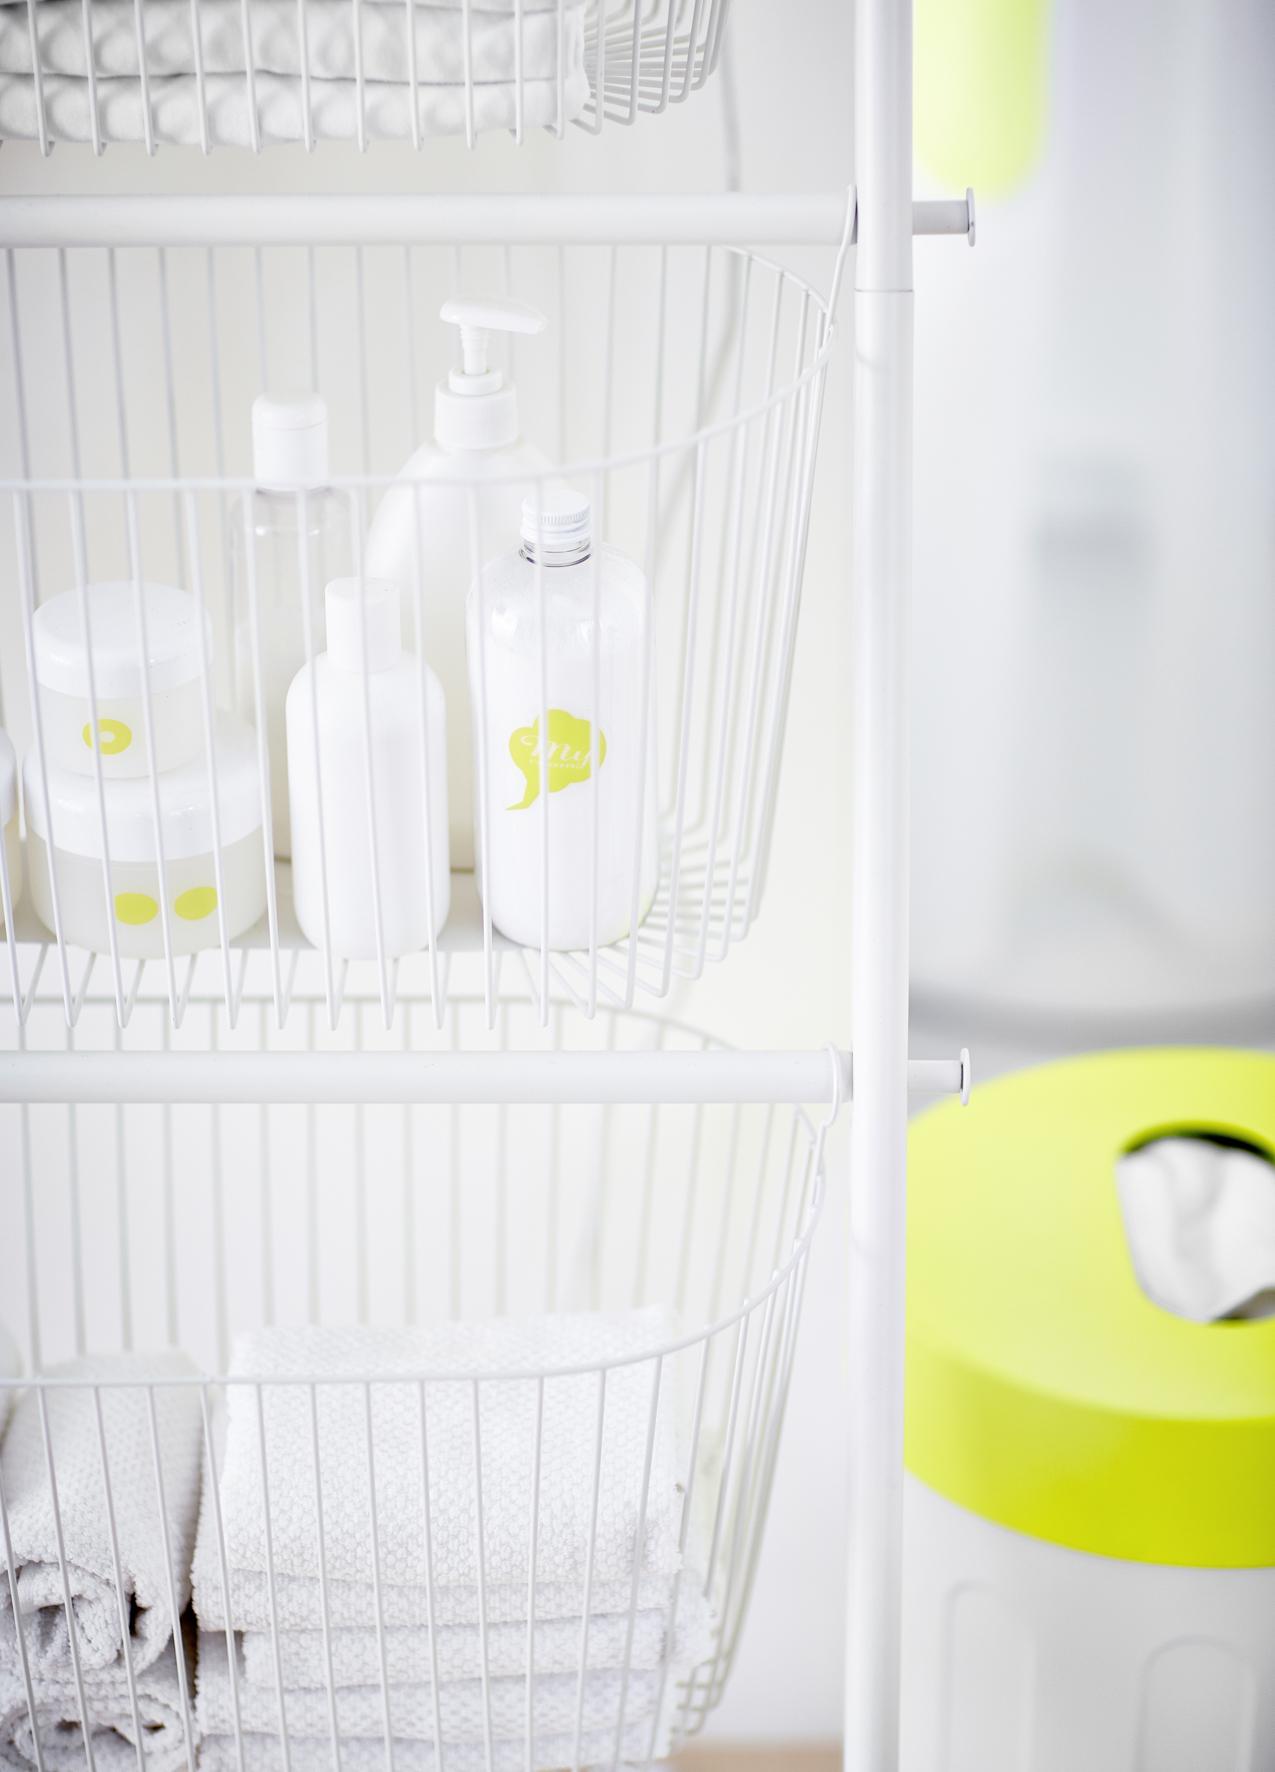 Badkamer opruimen met handige SPRUTT opbergers van IKEA